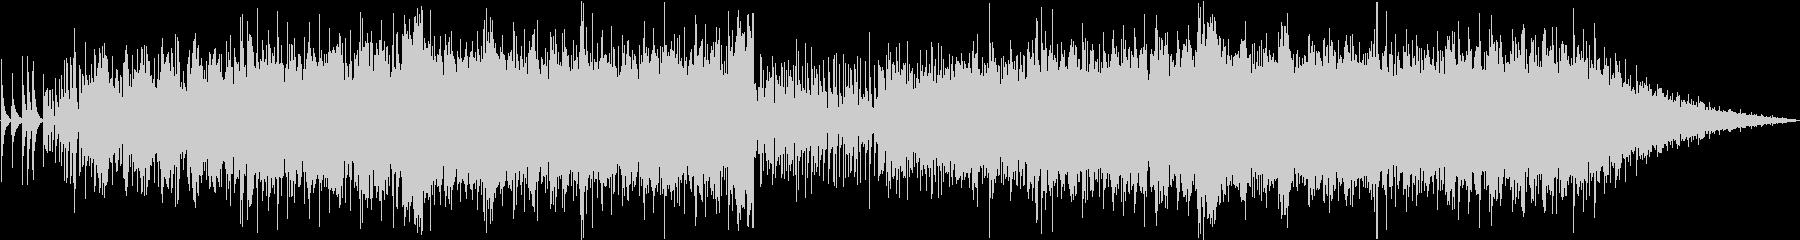 Pianoとシンセサイザーのエレクトロの未再生の波形